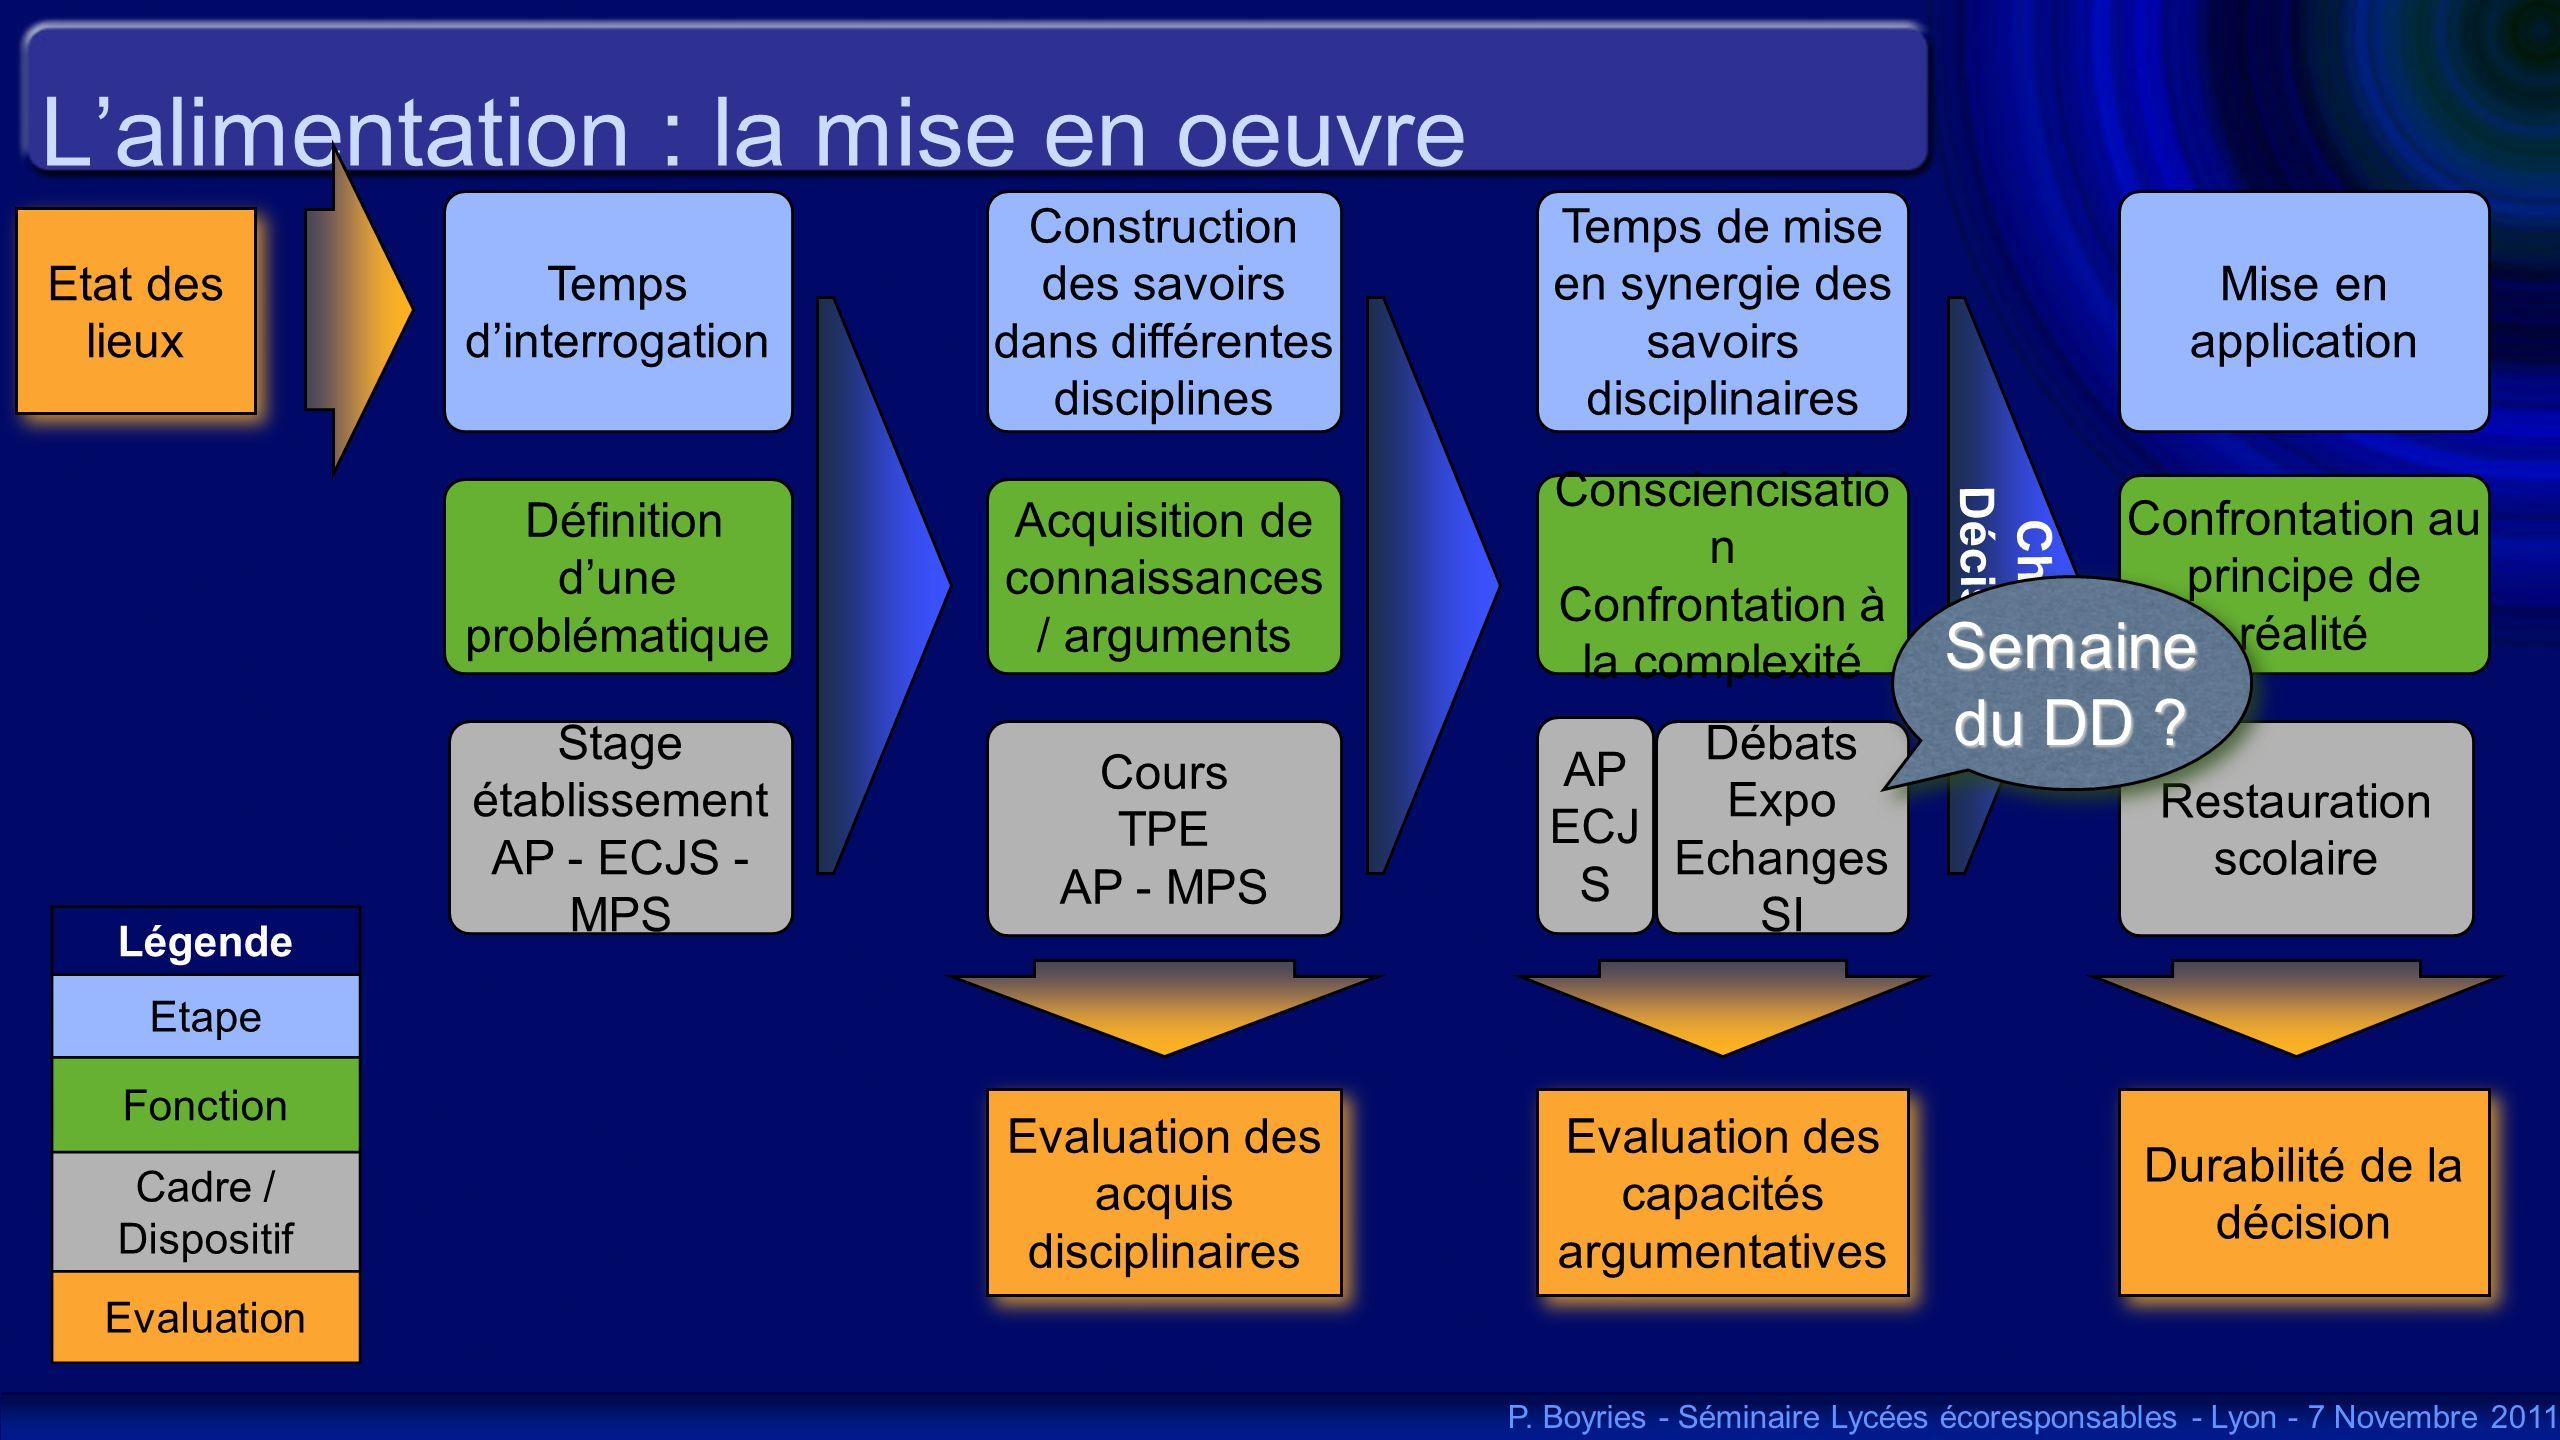 Lalimentation : la mise en oeuvre Définition dune problématique Construction des savoirs dans différentes disciplines Evaluation des acquis disciplina